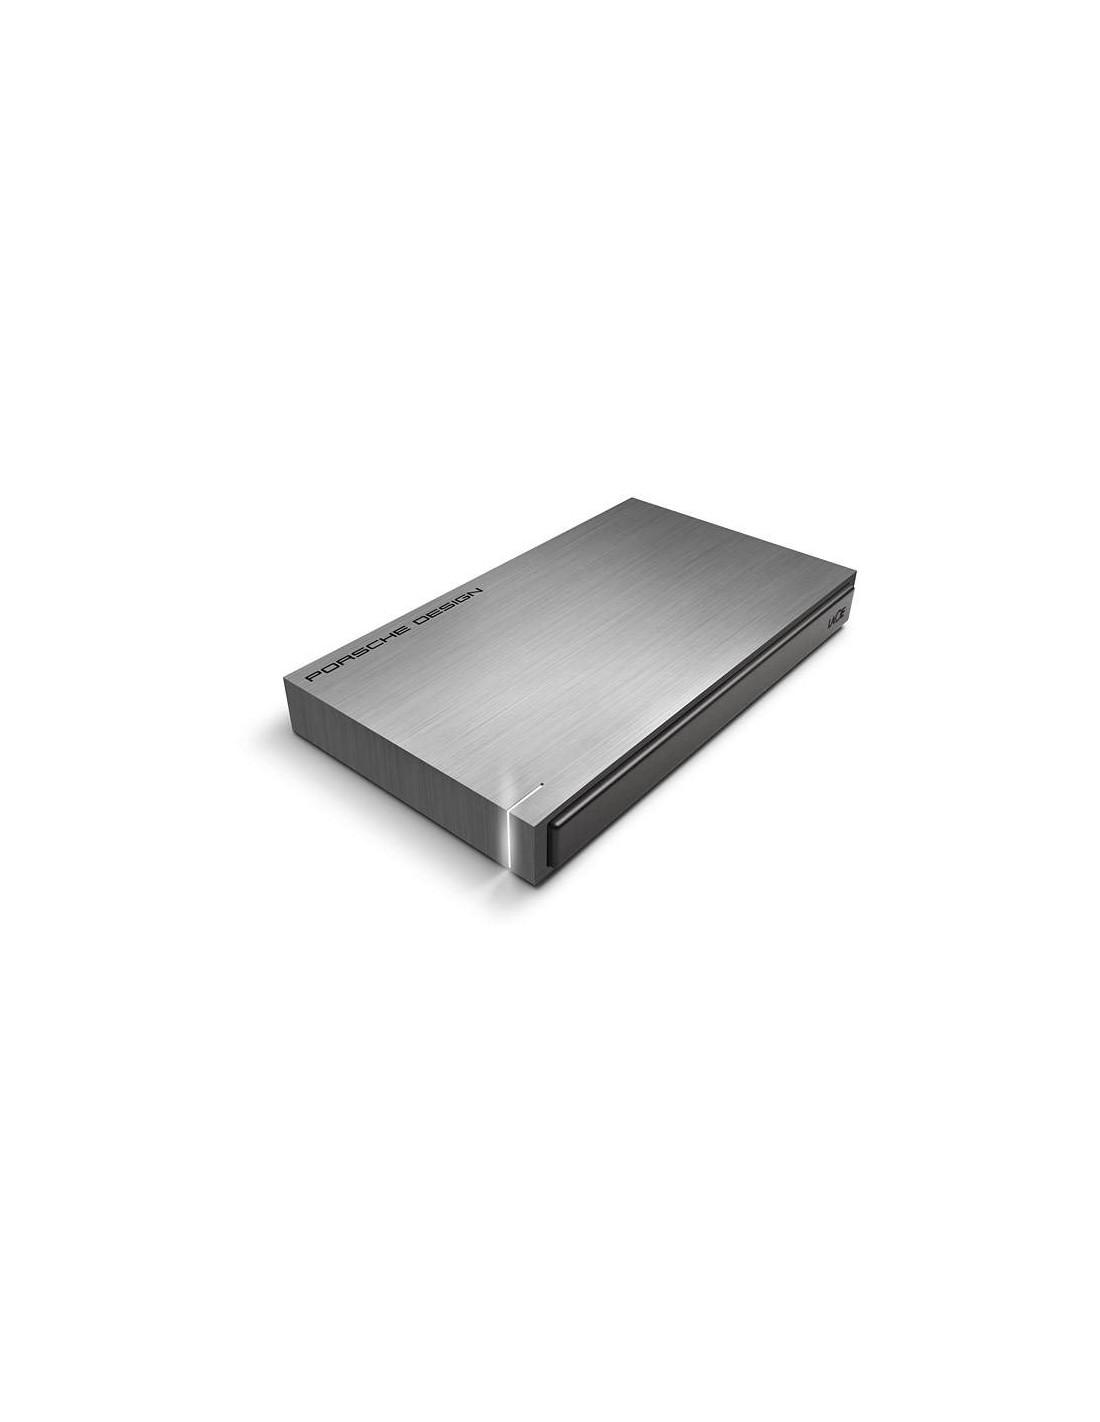 lacie p9220 1024go argent disque dur externe. Black Bedroom Furniture Sets. Home Design Ideas